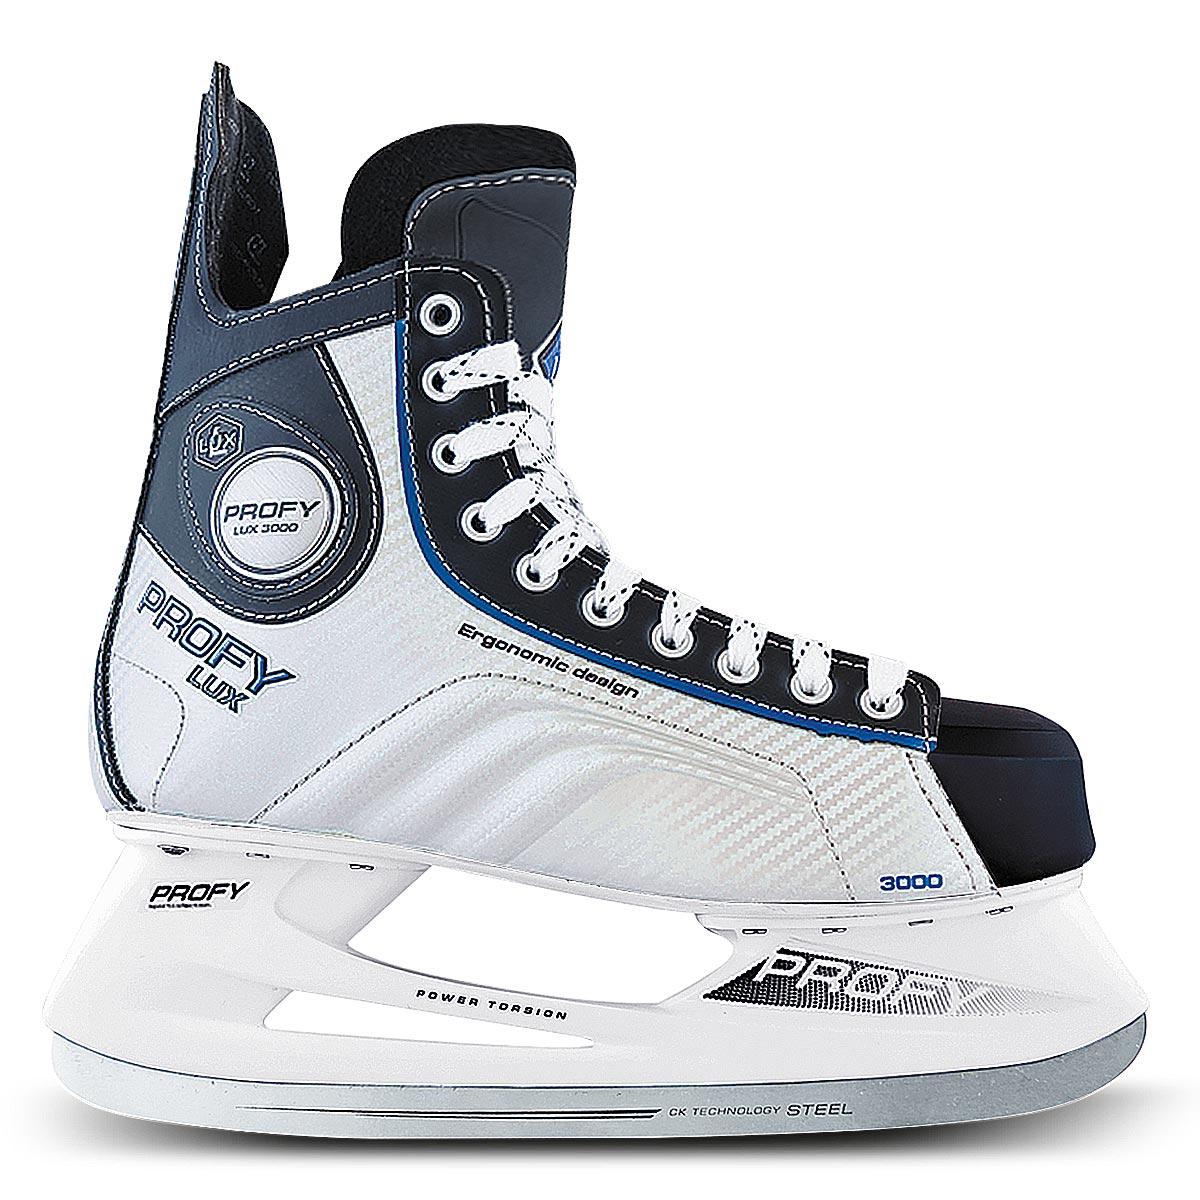 Коньки хоккейные мужские СК Profy Lux 3000, цвет: черный, серебряный, синий. Размер 39PROFY LUX 3000 Blue_39Коньки хоккейные мужские СК Profy Lux 3000 прекрасно подойдут для профессиональных игроков в хоккей. Ботинок выполнен из морозоустойчивой искусственной кожи и специального резистентного ПВХ, а язычок - из двухслойного войлока и искусственной кожи. Слоевая композитная технология позволила изготовить ботинок, полностью обволакивающий ногу. Это обеспечивает прочную и удобную фиксацию ноги, повышает защиту от ударов. Ботинок изготовлен с учетом антропометрии стоп россиян, что обеспечивает комфорт и устойчивость ноги, правильное распределение нагрузки, сильно снижает травмоопасность. Конструкция носка ботинка, изготовленного из ударопрочного энергопоглощающего термопластичного полиуретана Hytrel® (DuPont), обеспечивает увеличенную надежность защиты передней части ступни от ударов. Усиленные боковины ботинка из формованного PVC укрепляют боковую часть ботинка и дополнительно защищают ступню от ударов за счет поглощения энергии. Тип застежки ботинок – классическая шнуровка. Стелька из упругого пенного полимерного материала EVA гарантирует комфортное положение ноги в ботинке, обеспечивает быструю адаптацию ботинка к индивидуальным формам ноги, не теряет упругости при изменении температуры и не разрушается от воздействия пота и влаги. Легкая прочная низкопрофильная полимерная подошва инжекционного формования практически без потерь передает энергию от толчка ноги к лезвию – быстрее набор скорости, резче повороты и остановки, острее чувство льда. Лезвие из нержавеющей стали 420J обеспечит превосходное скольжение.